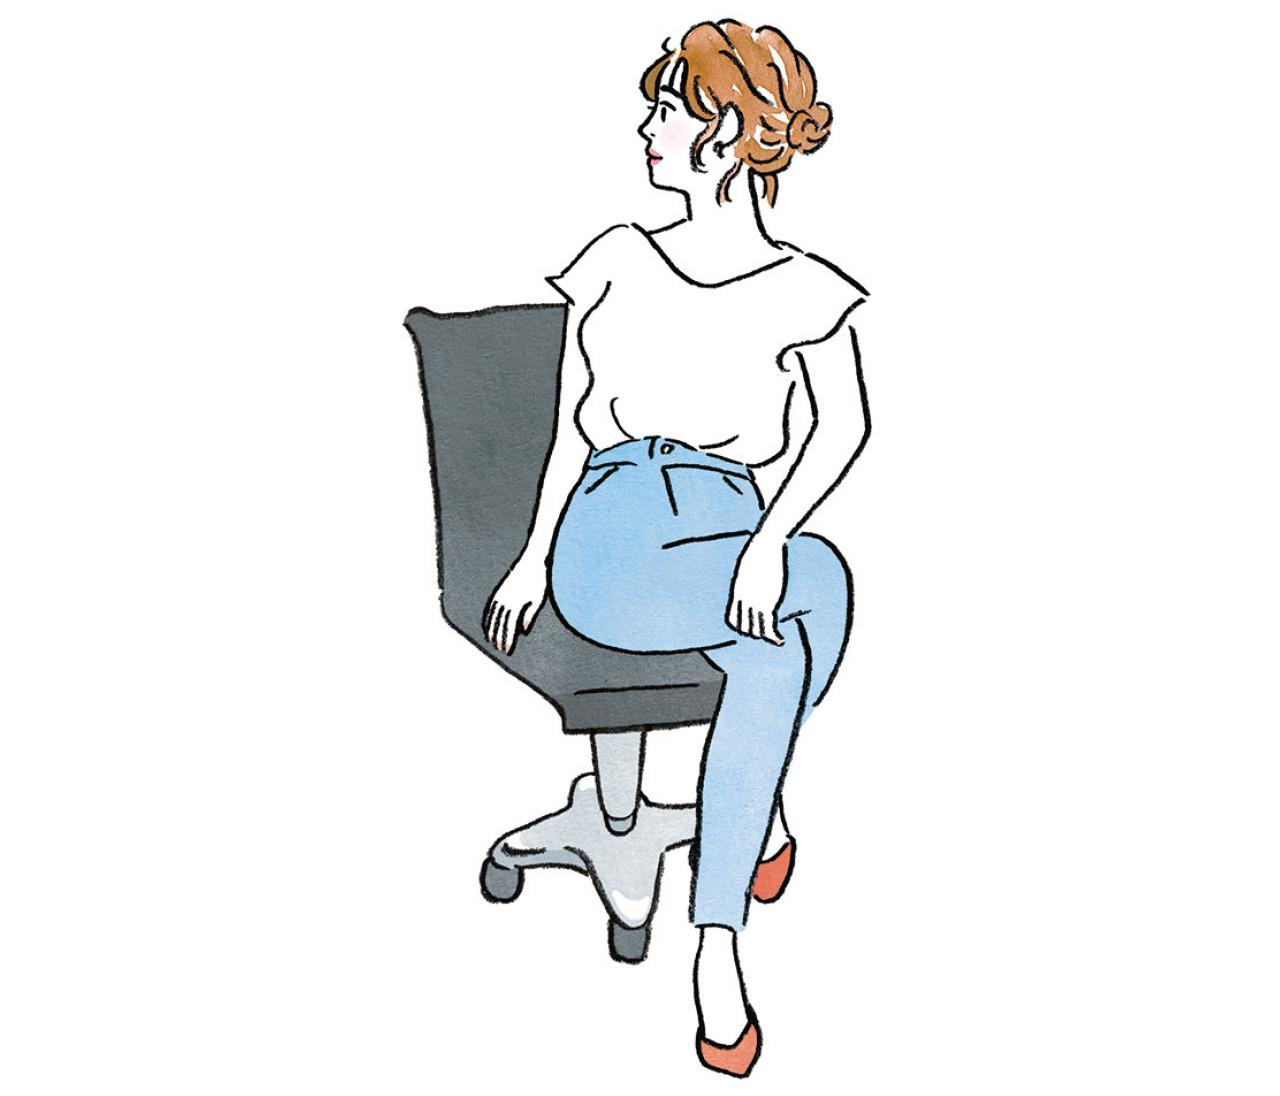 【デブ腸からやせ腸になる方法2】座りっぱなしはデブ腸まっしぐら。デスクワークの合間にもできる、やせ腸生活習慣3選!